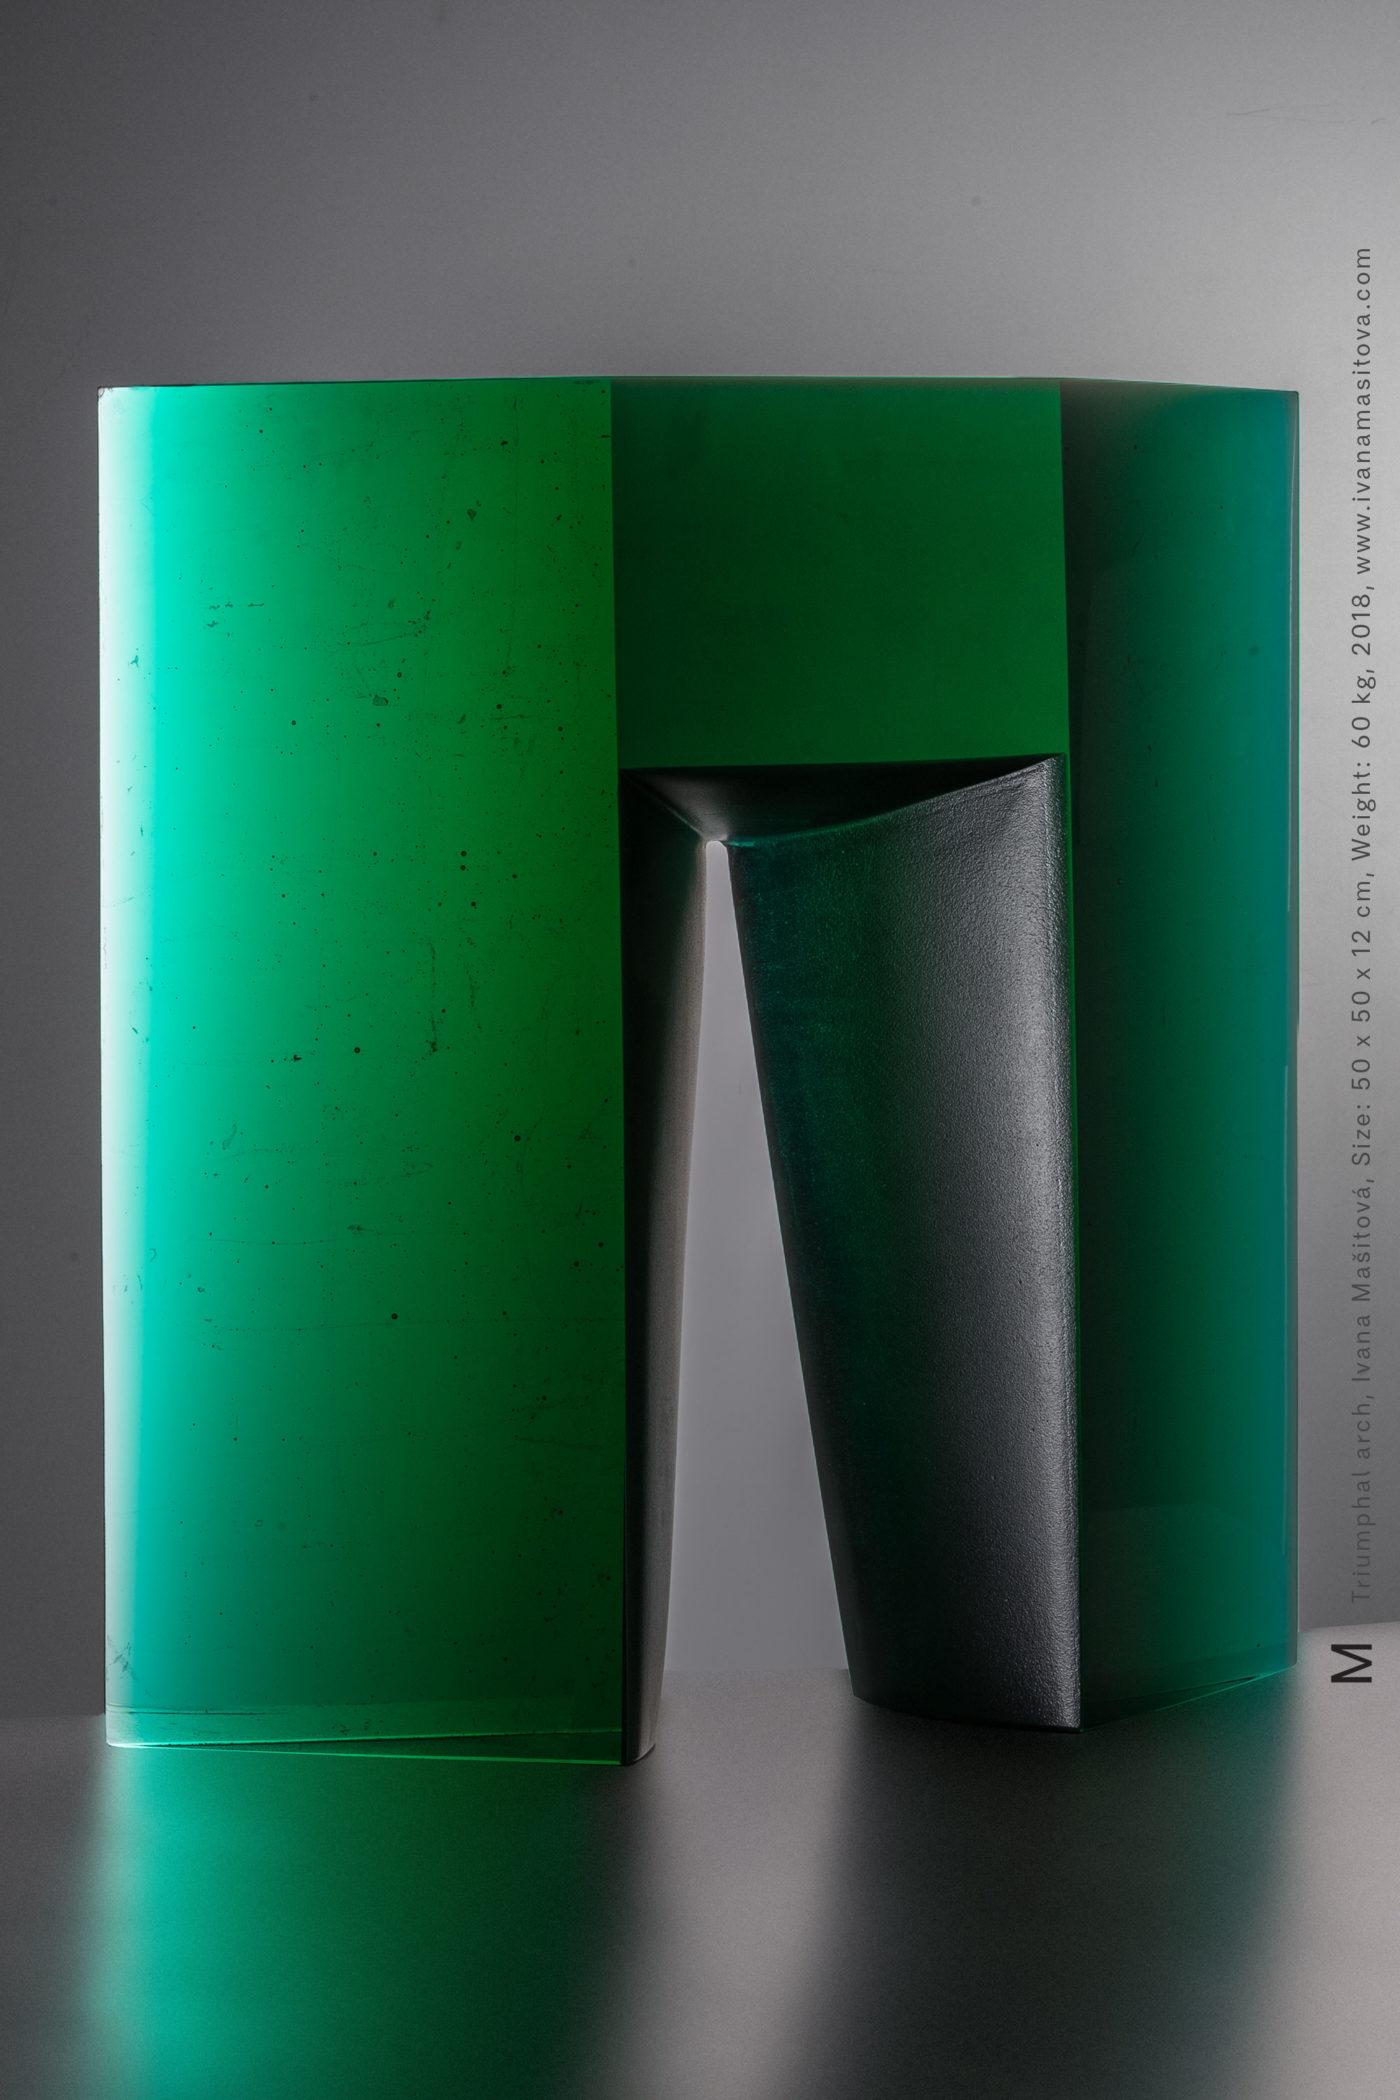 Vitezna-brana_Triumphal-arch,50x50x12cm,60kg,2018-1